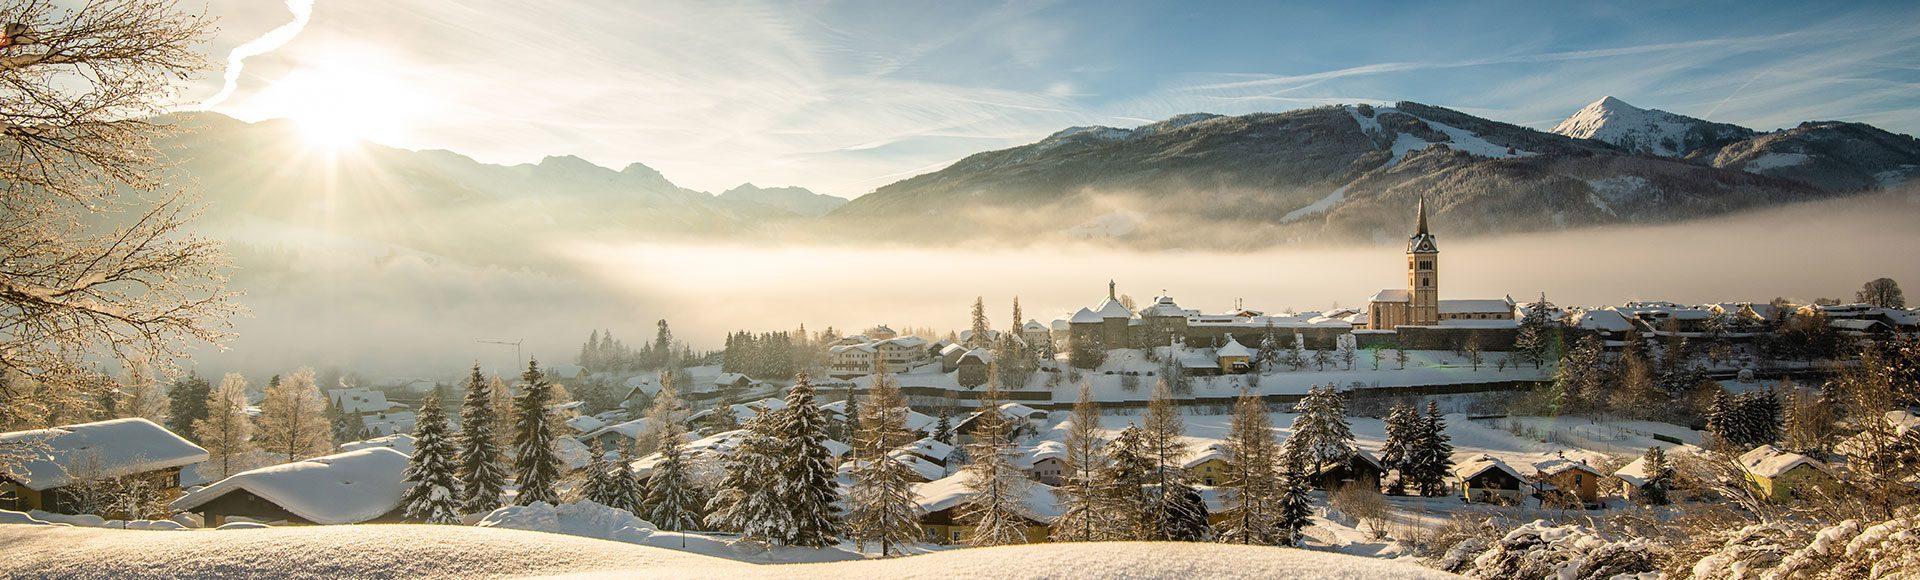 Winterurlaub Radstadt Tourismusverband Radstadt Lorenz Masser 1